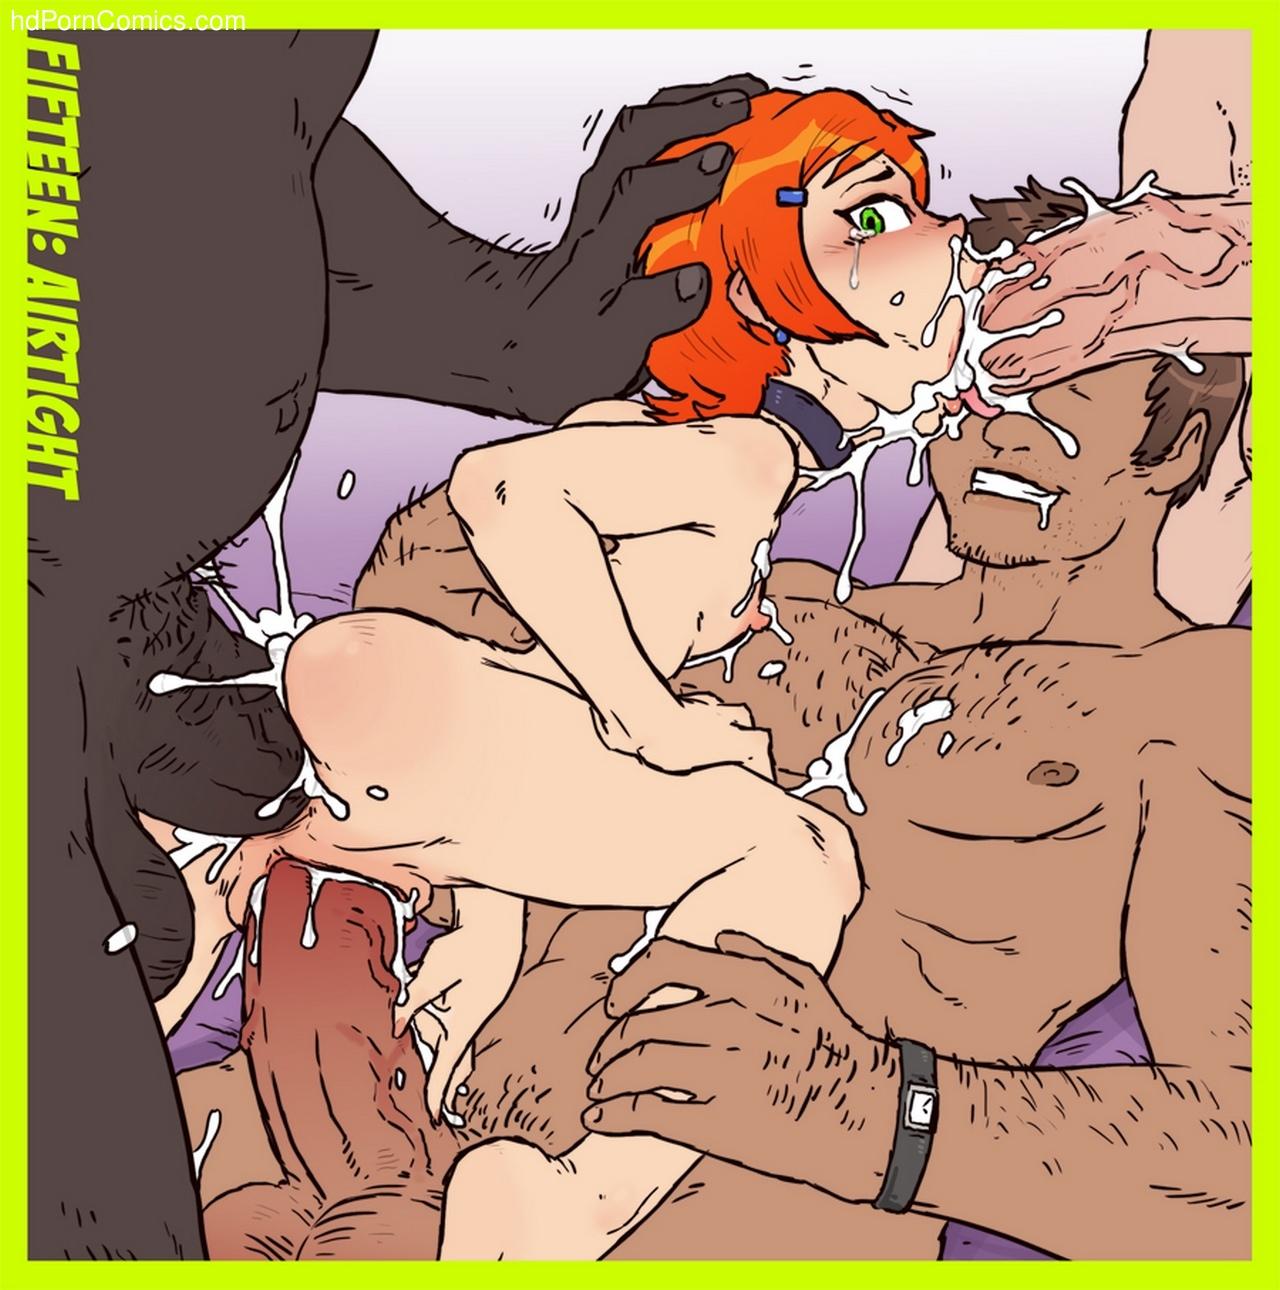 ten-sex-comic image_8.jpg